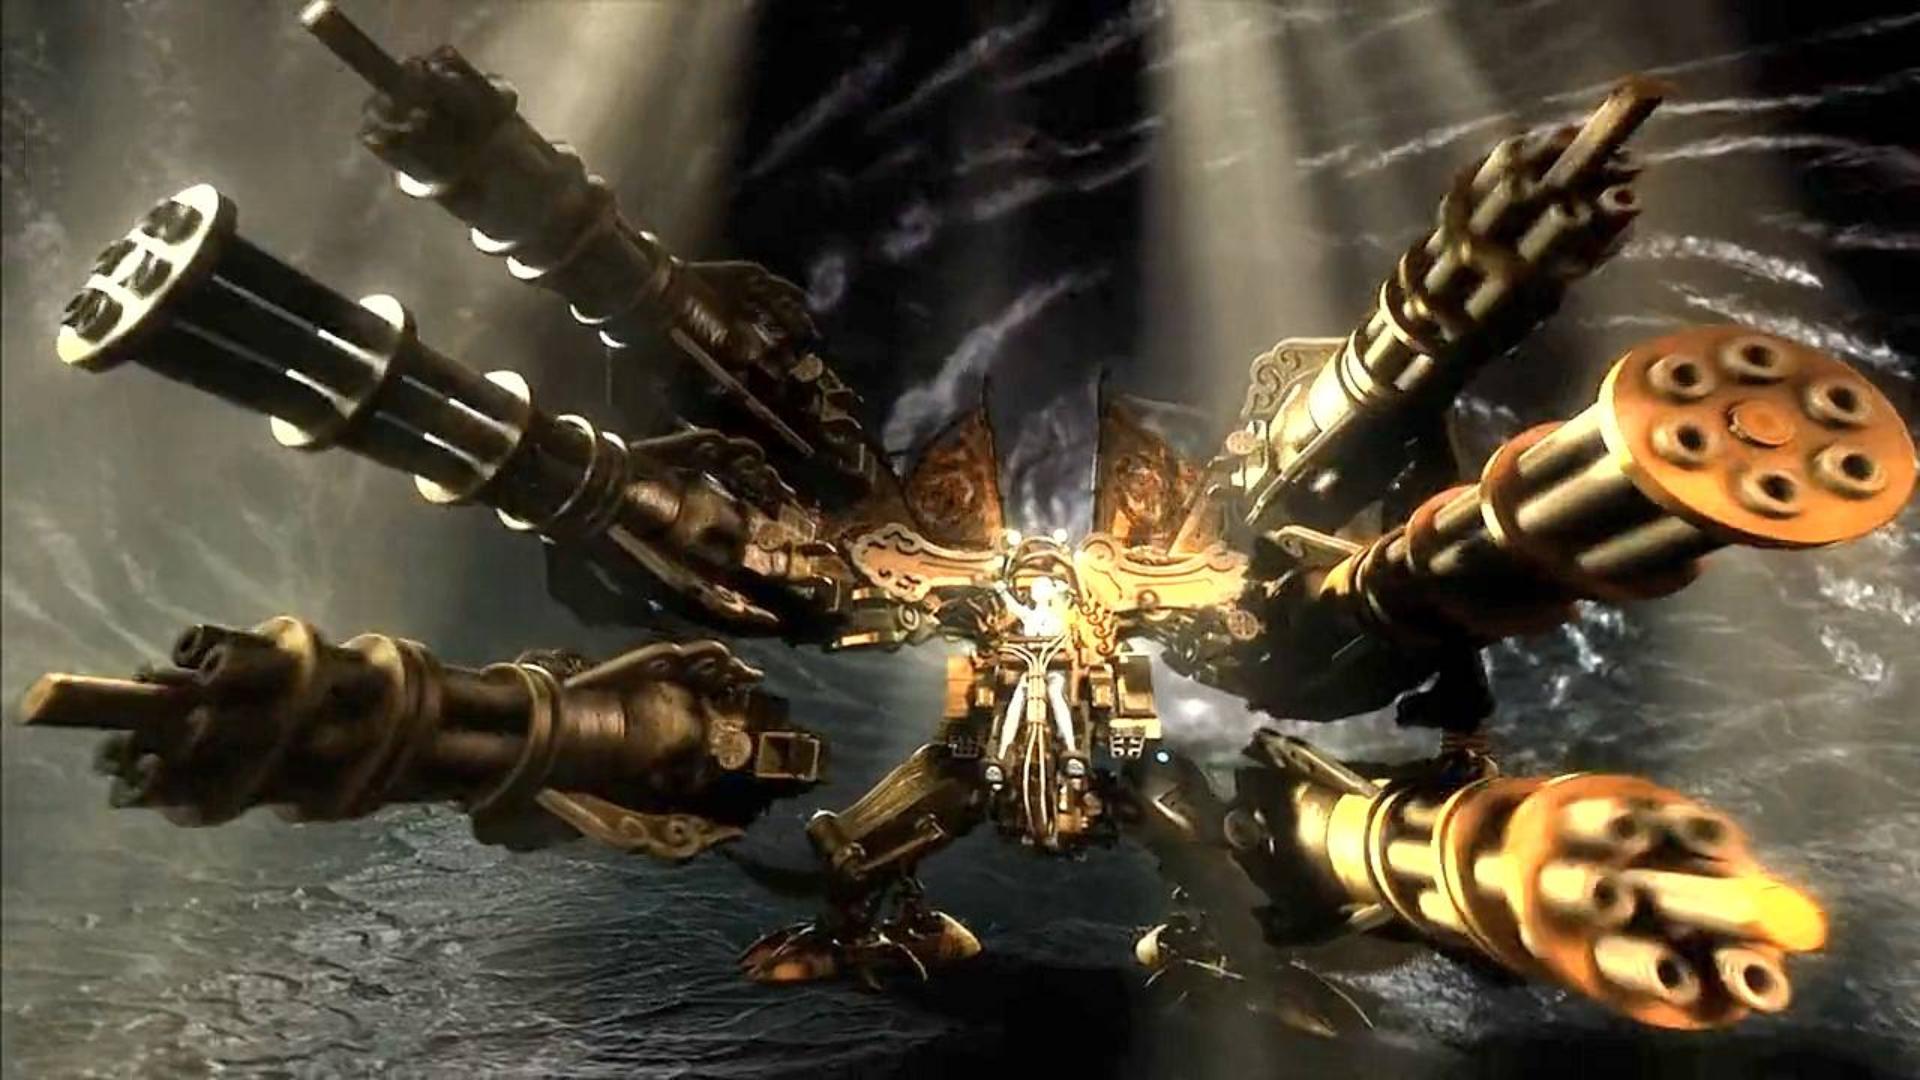 电影:原来孙悟空的金箍棒,不但能变成火箭,还能变成全能机甲!